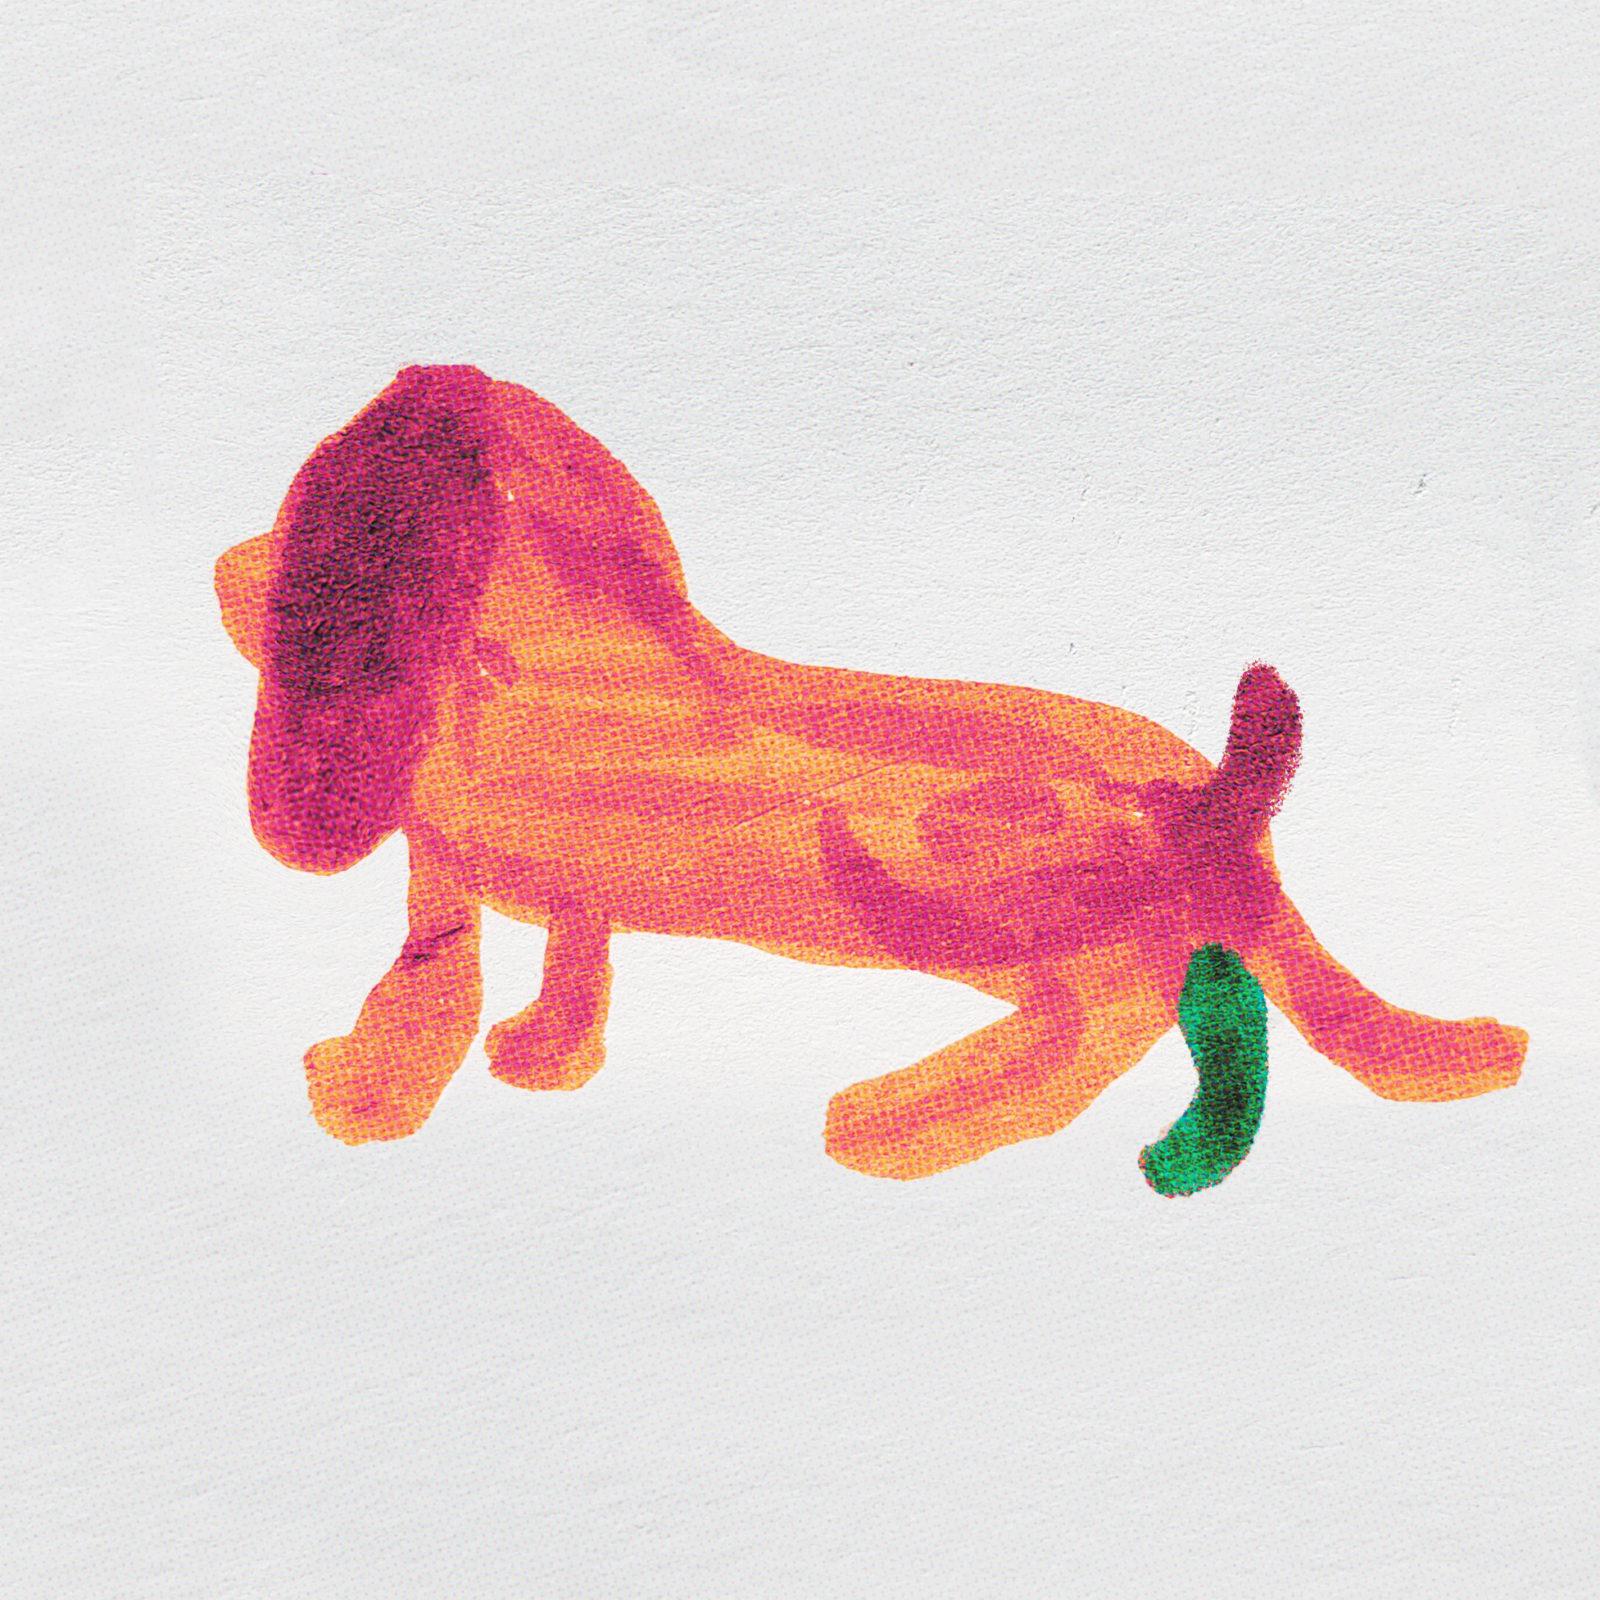 Poo Dog by Pyhai